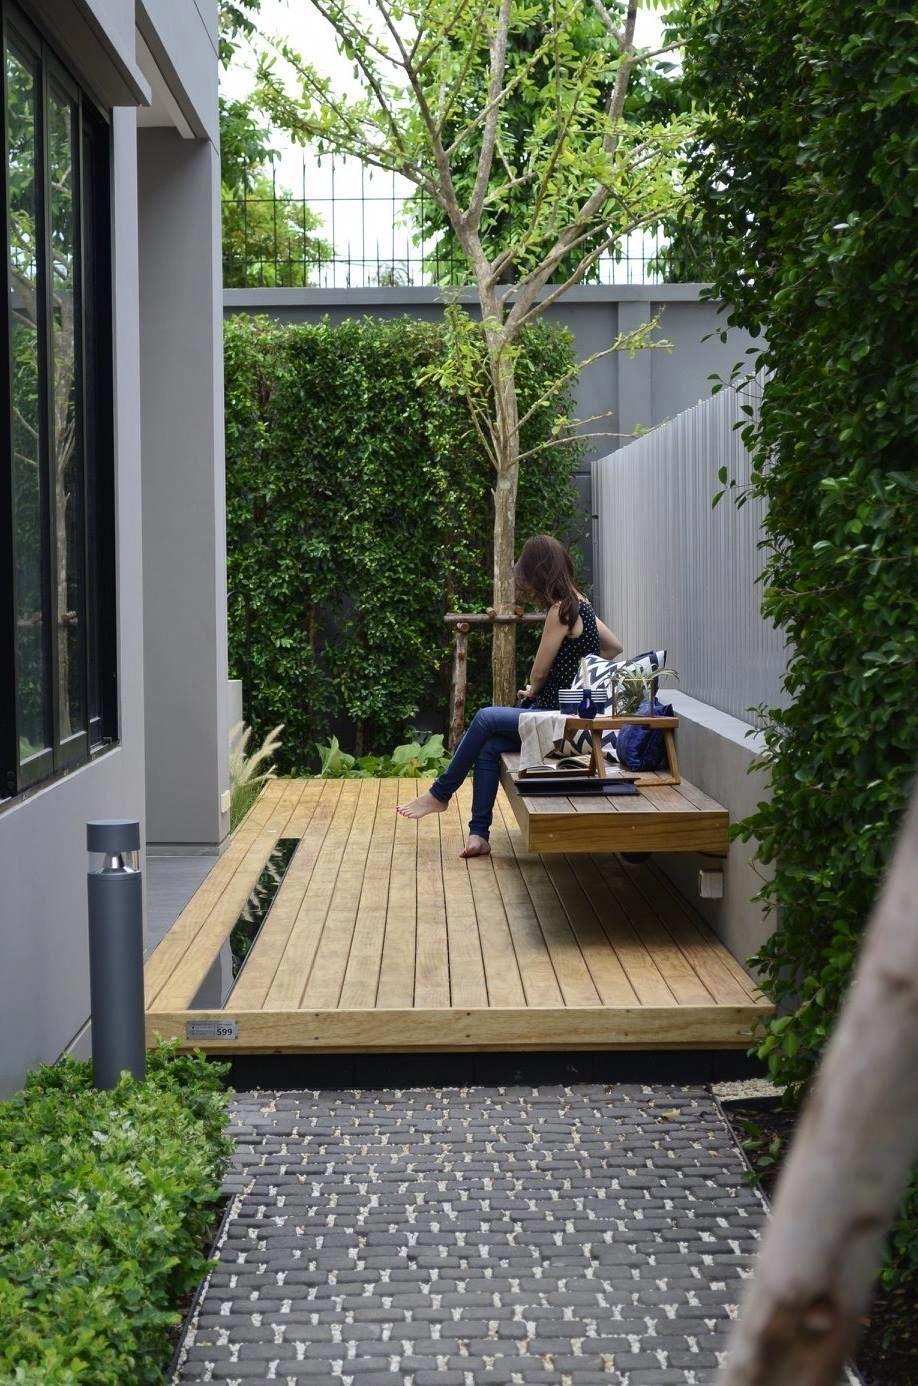 Designs For Garden Landscaping Landscapegardendesignsforsmallgardens Small Backyard Landscaping Modern Backyard Landscaping Backyard Landscaping Designs